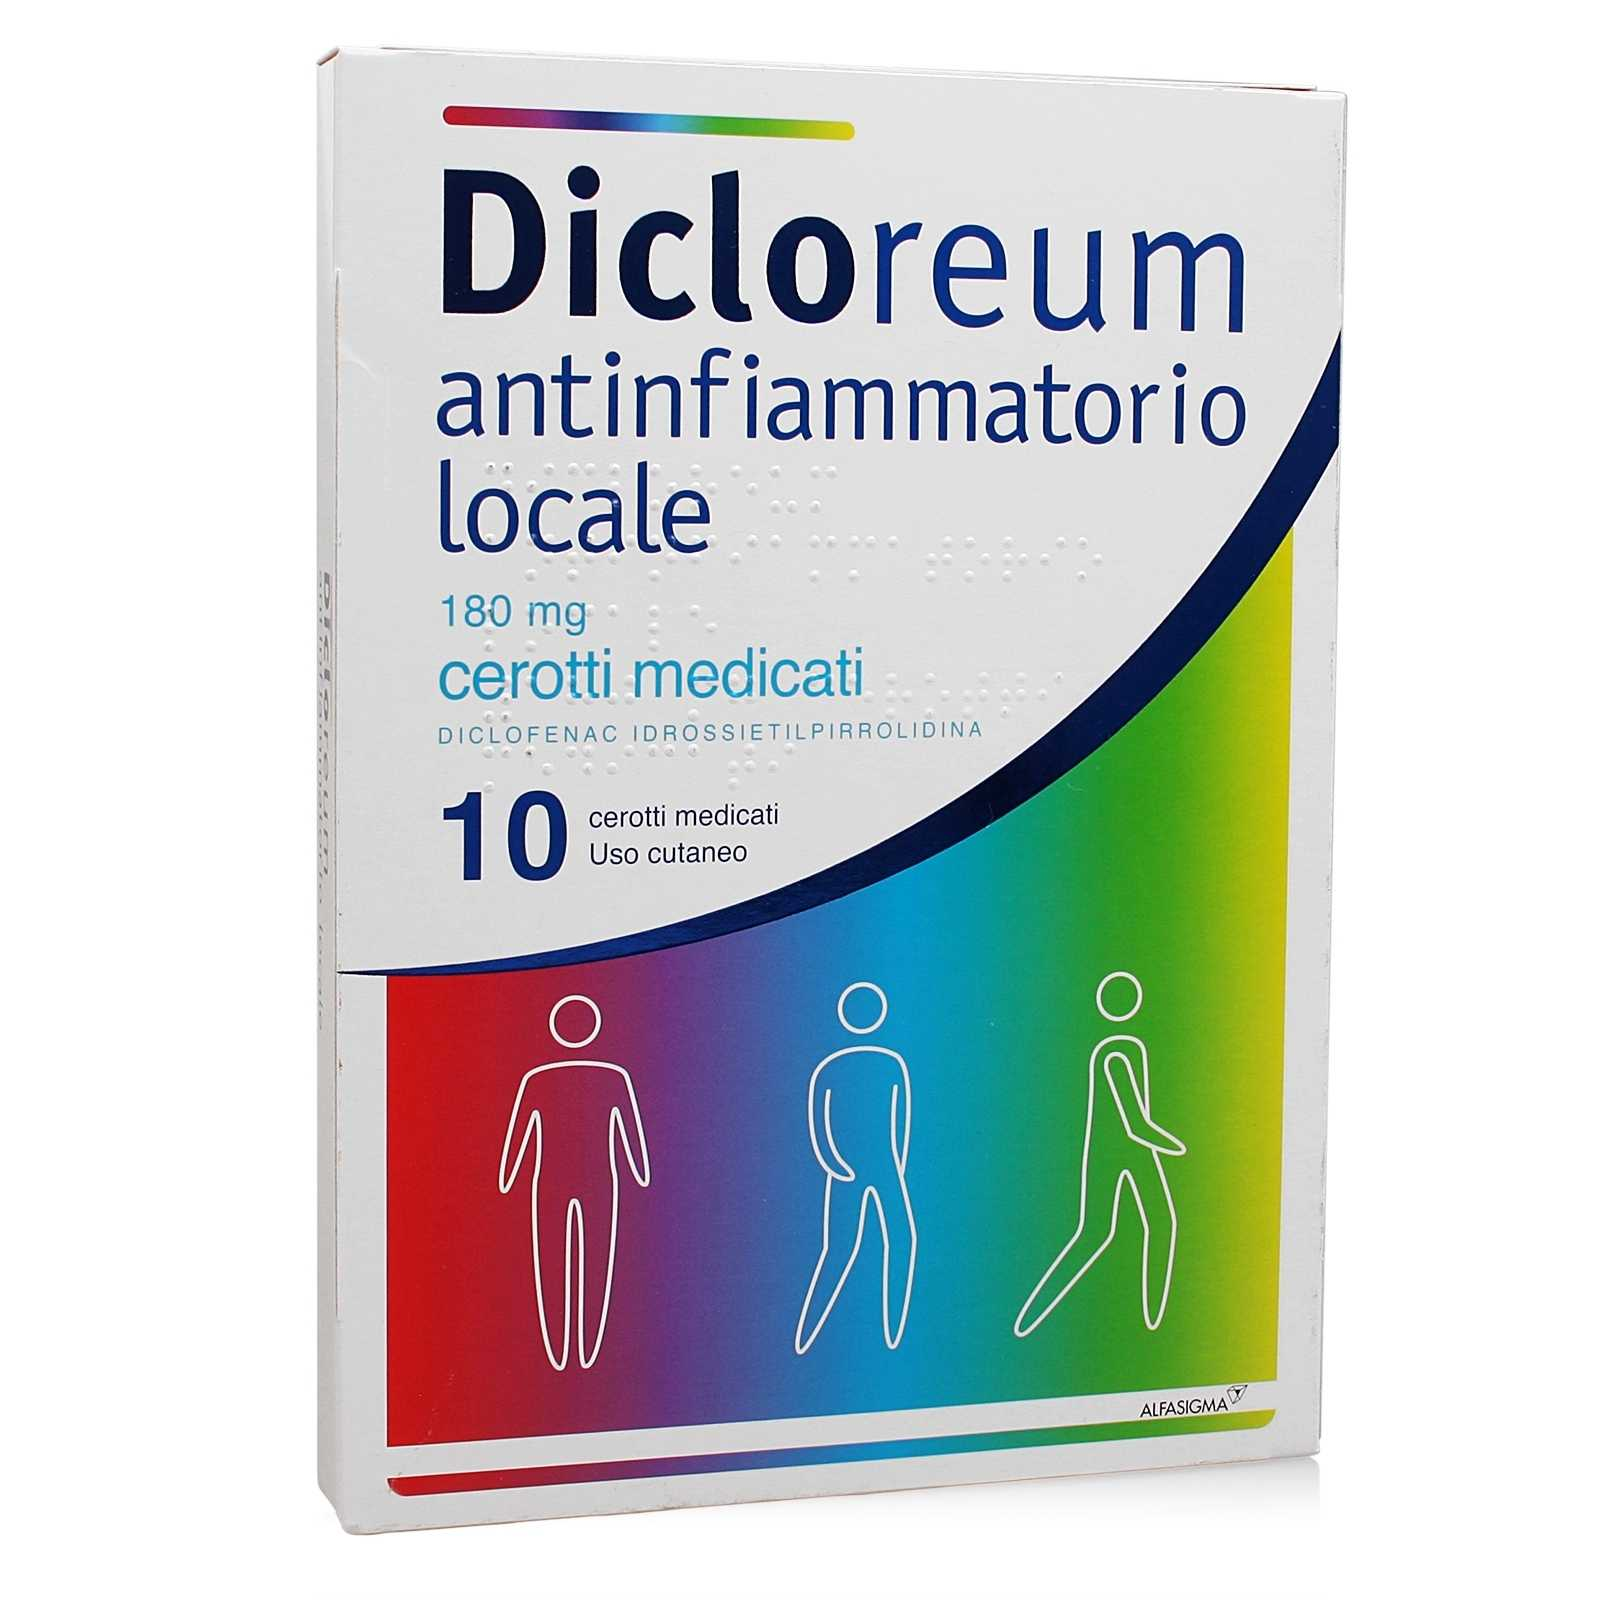 Dicloreum - Antinfiammatorio Locale - 10 cerotti